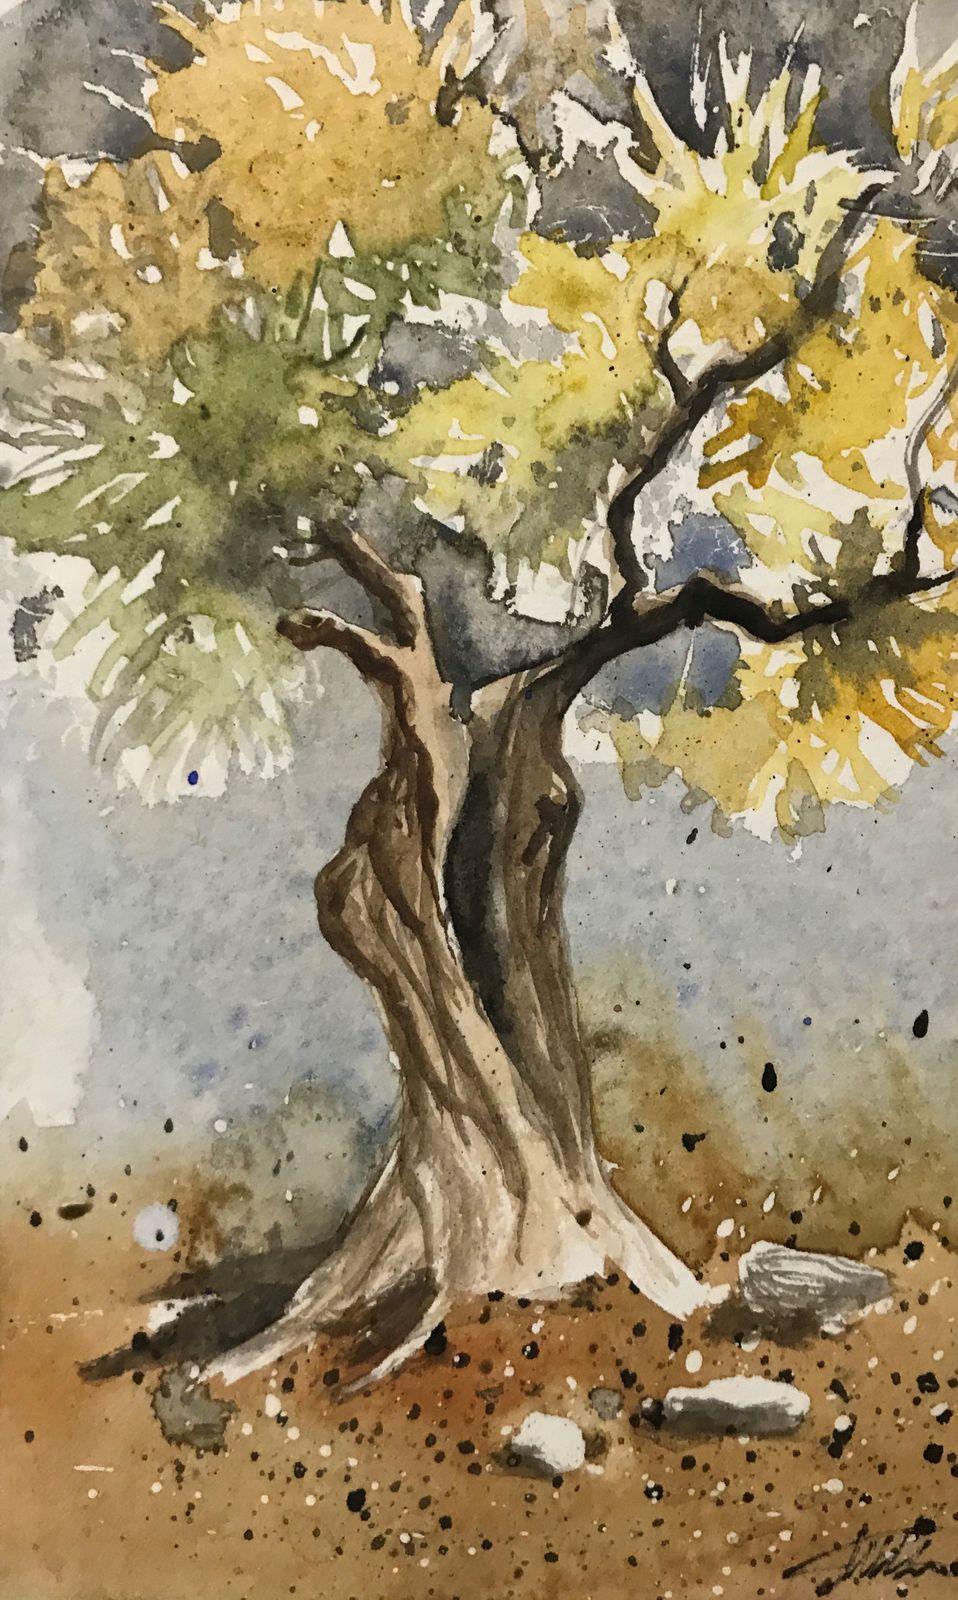 Μιχάλης Καλοκαιρινός 9×14 εκ Ακουαρέλα Michael Kalokairinos 9×14 cm Water colours on paper